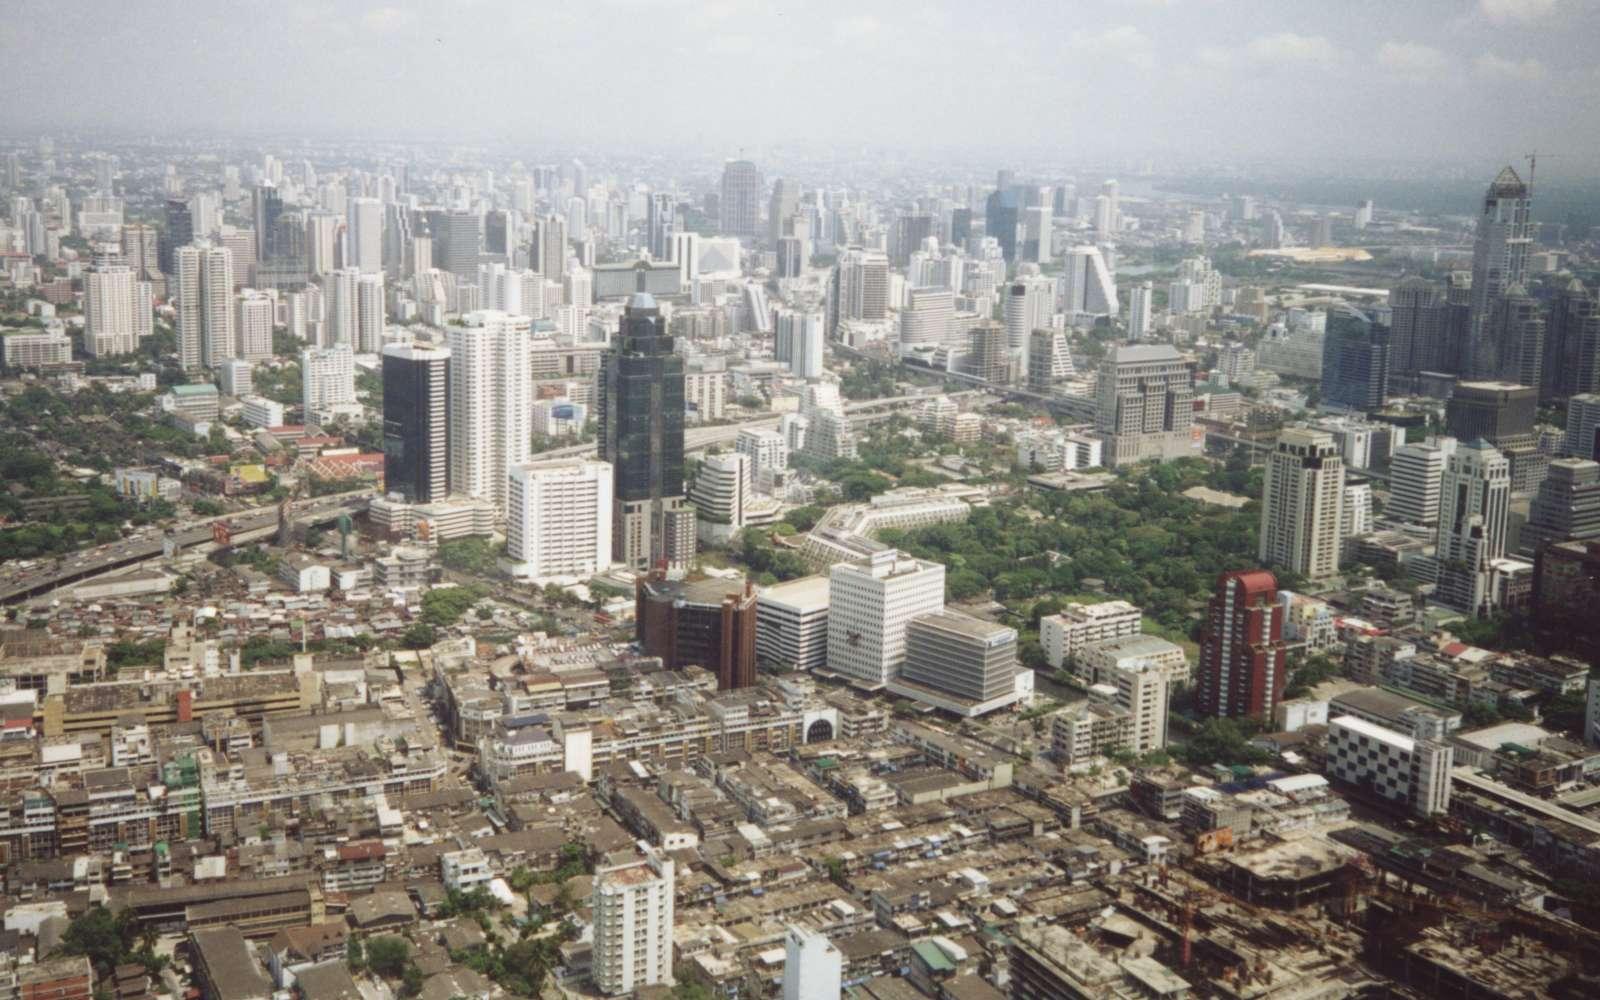 http://4.bp.blogspot.com/-DE2Iw_GIFkQ/TqfAwDUL0cI/AAAAAAAADT0/o5eGef6CuDk/s1600/Bangkok+city+of+Thailand+photos.jpg